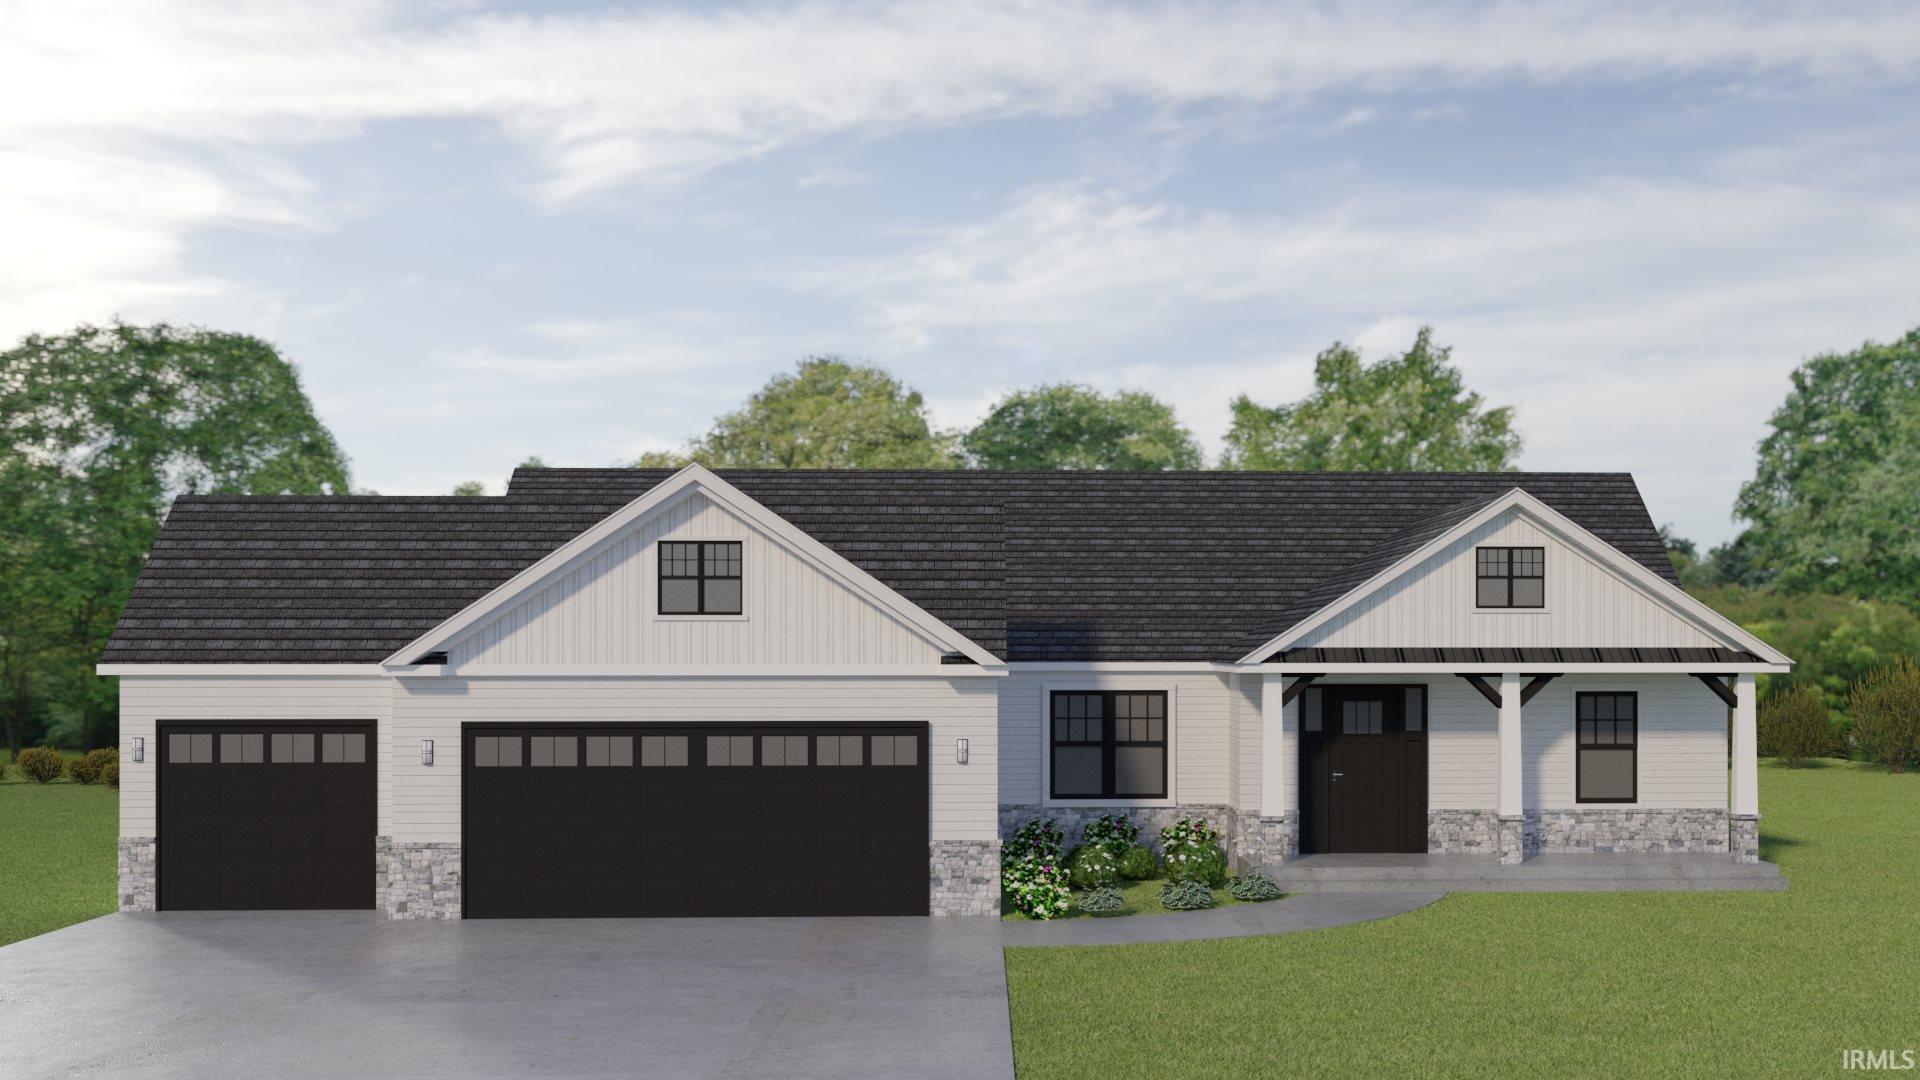 11366 Albany Ridge Osceola, IN 46561